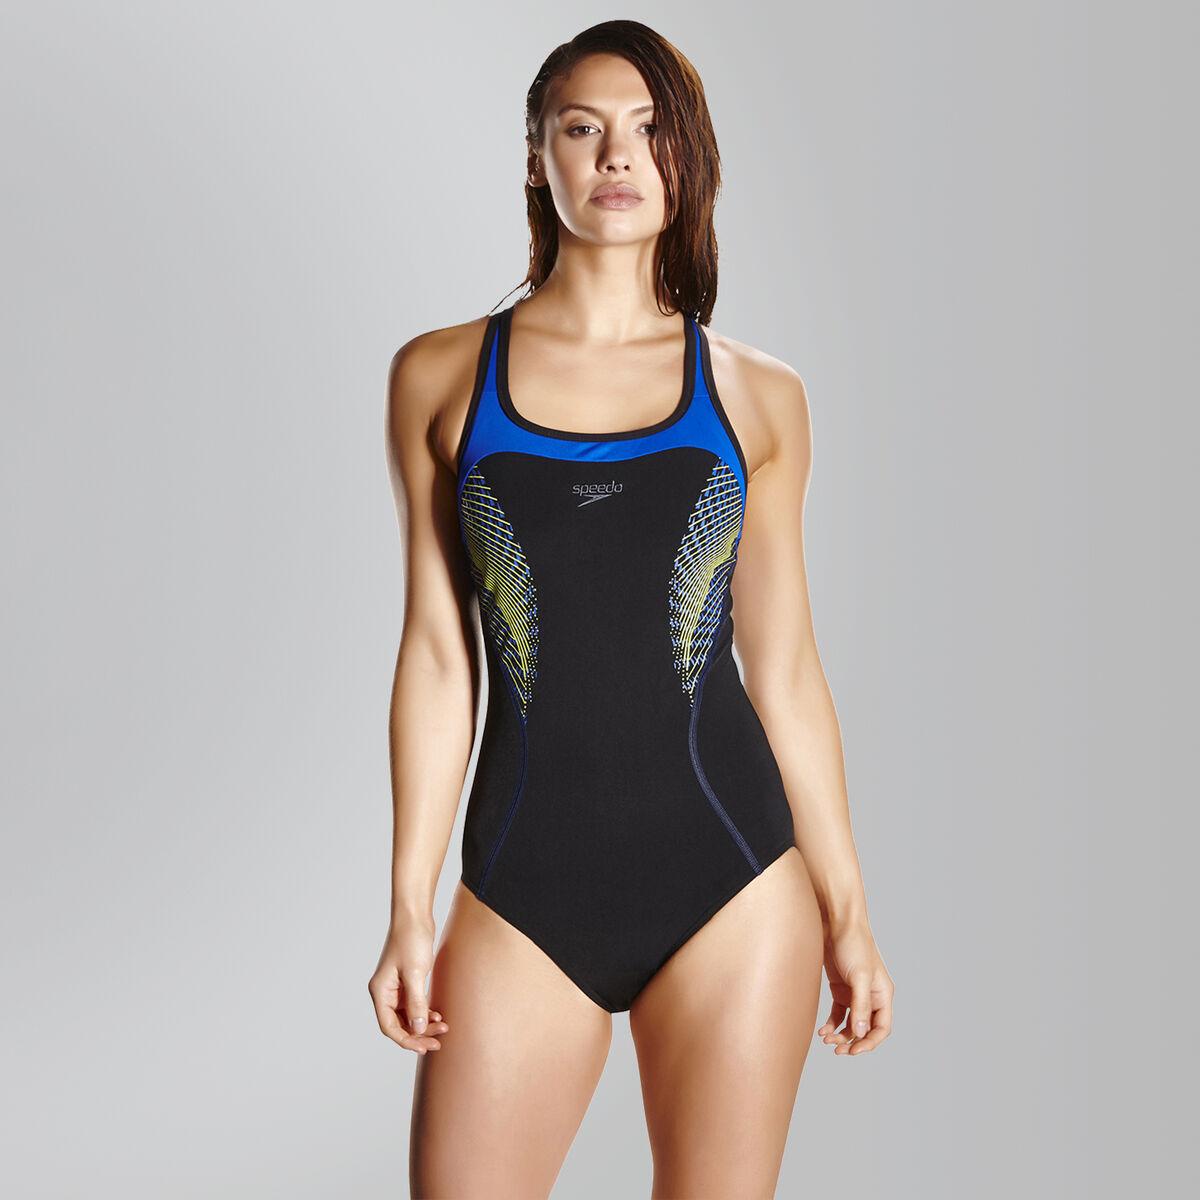 Speedo Fit Kickback Swimsuit